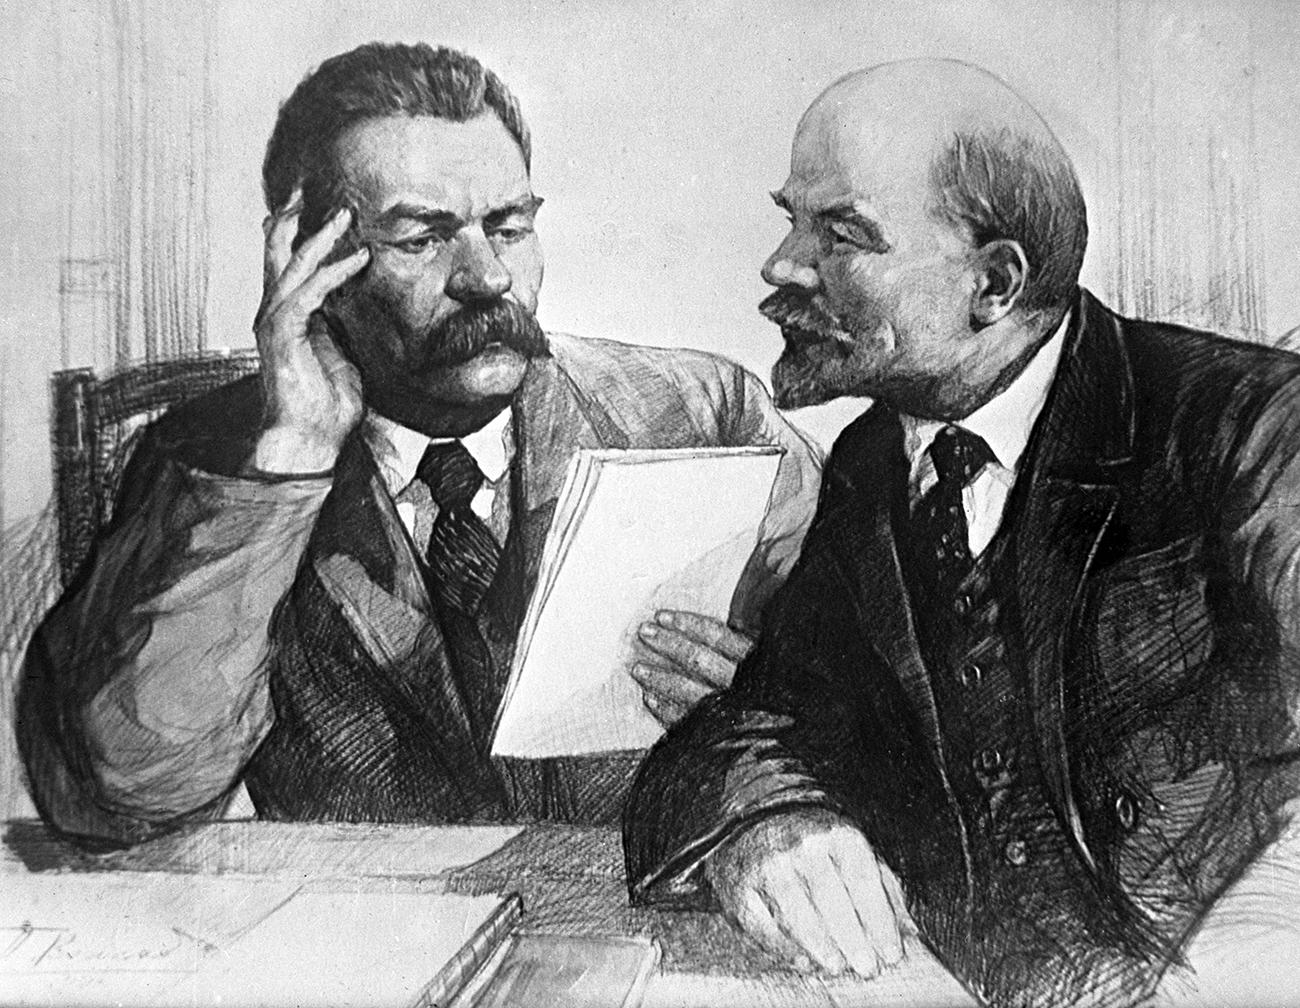 Vladímir Lenin y Maksim Gorki, el 1 de enero de 1932.